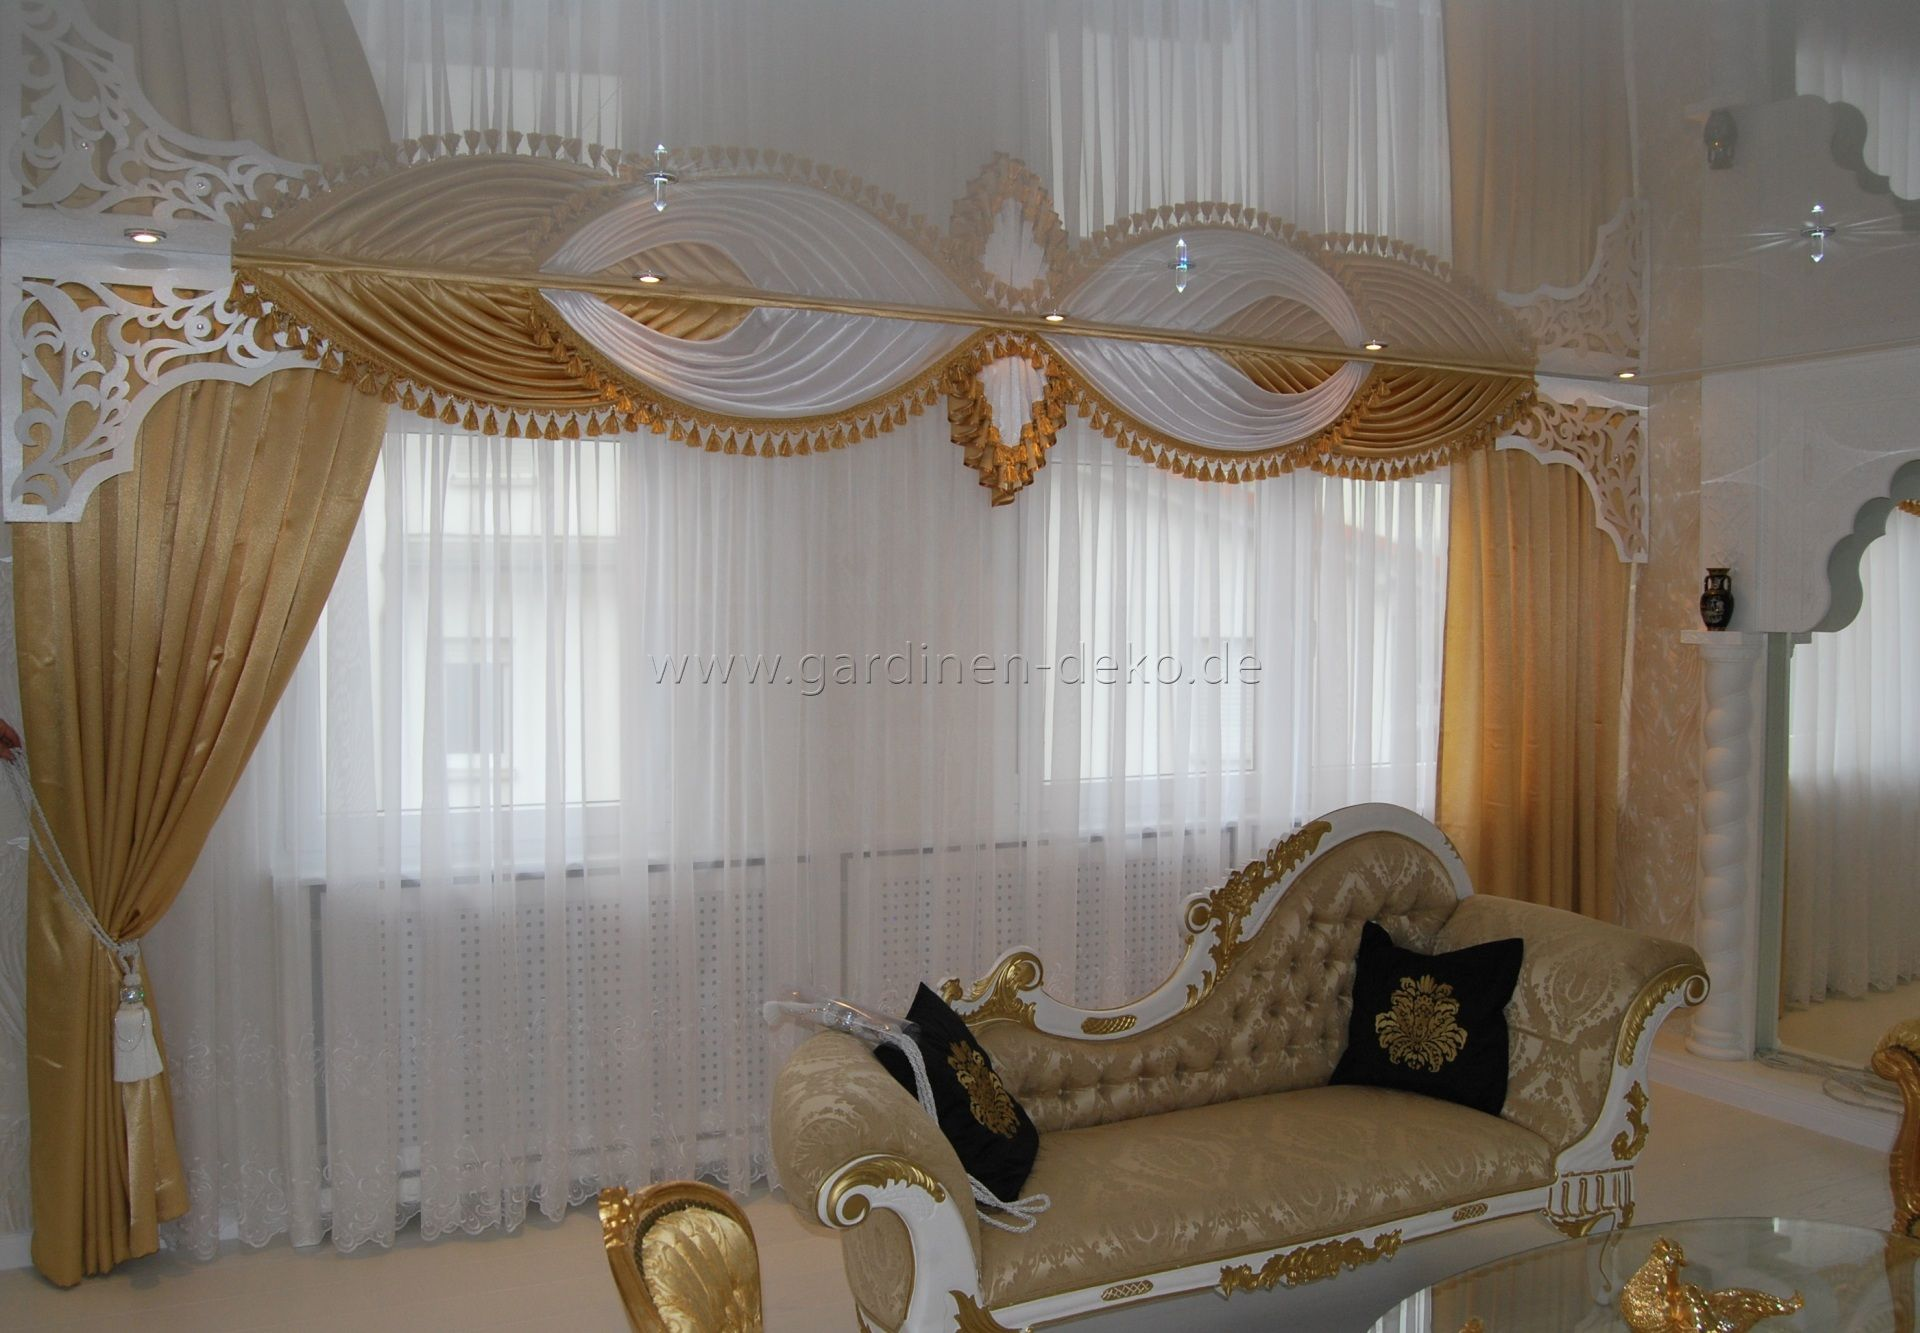 Charmant ... Wohnzimmer Vorhang In Exquisitem Stil Und Edlen Stoffen   Http://www. Gardinen Deko.de/klassischer Wohnzimmer Vorhang Exquisitem Stil Und Edlen  Stoffen/